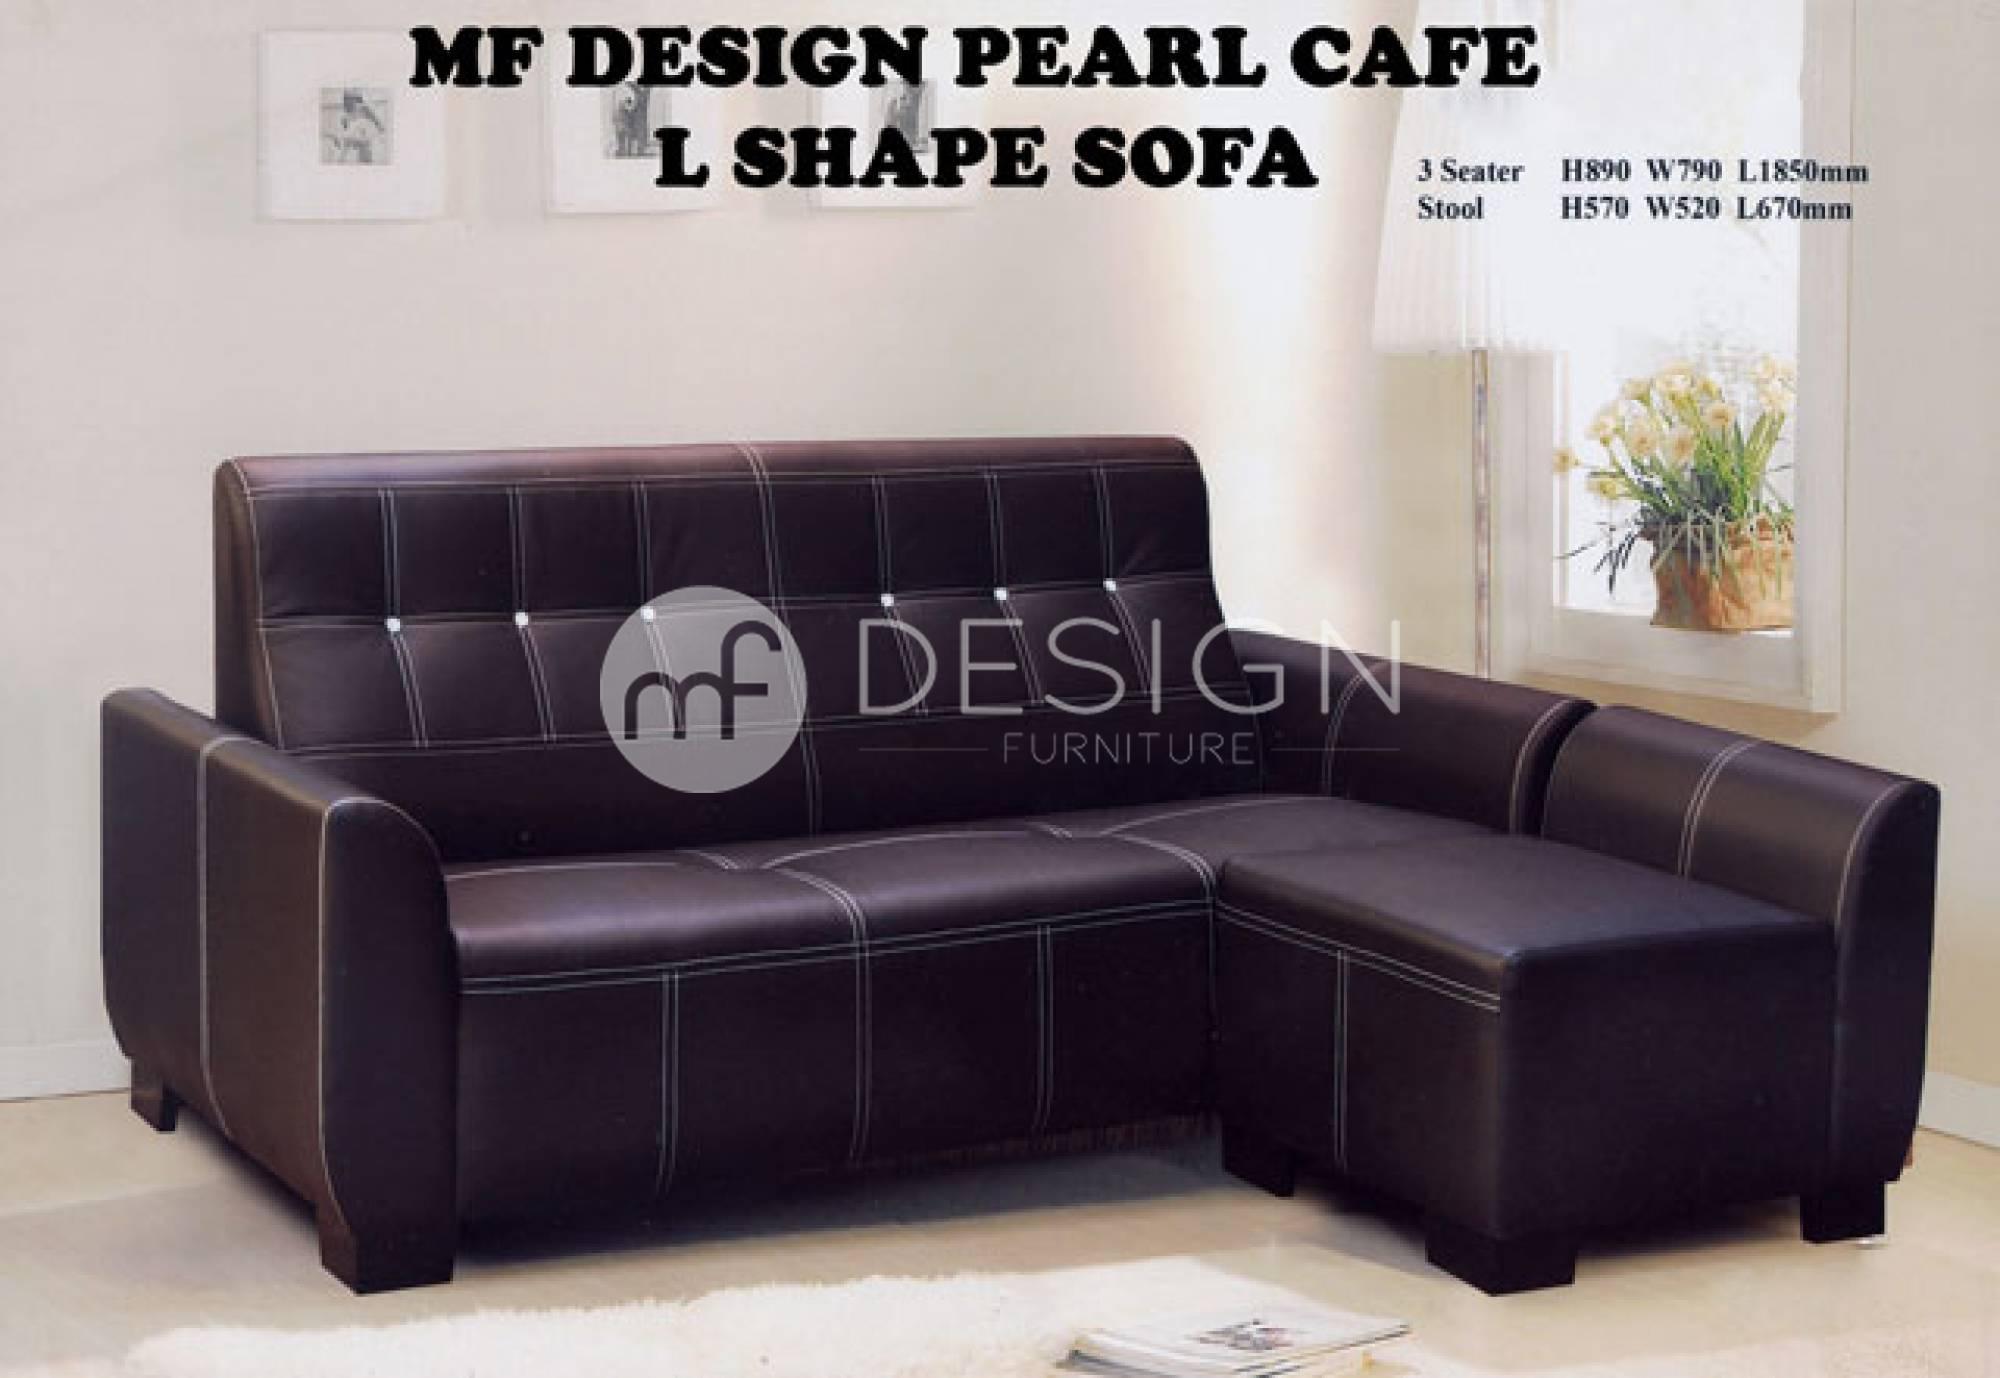 mf design pearl cafe l-shape sofa (end 5/27/2019 3:02 pm)